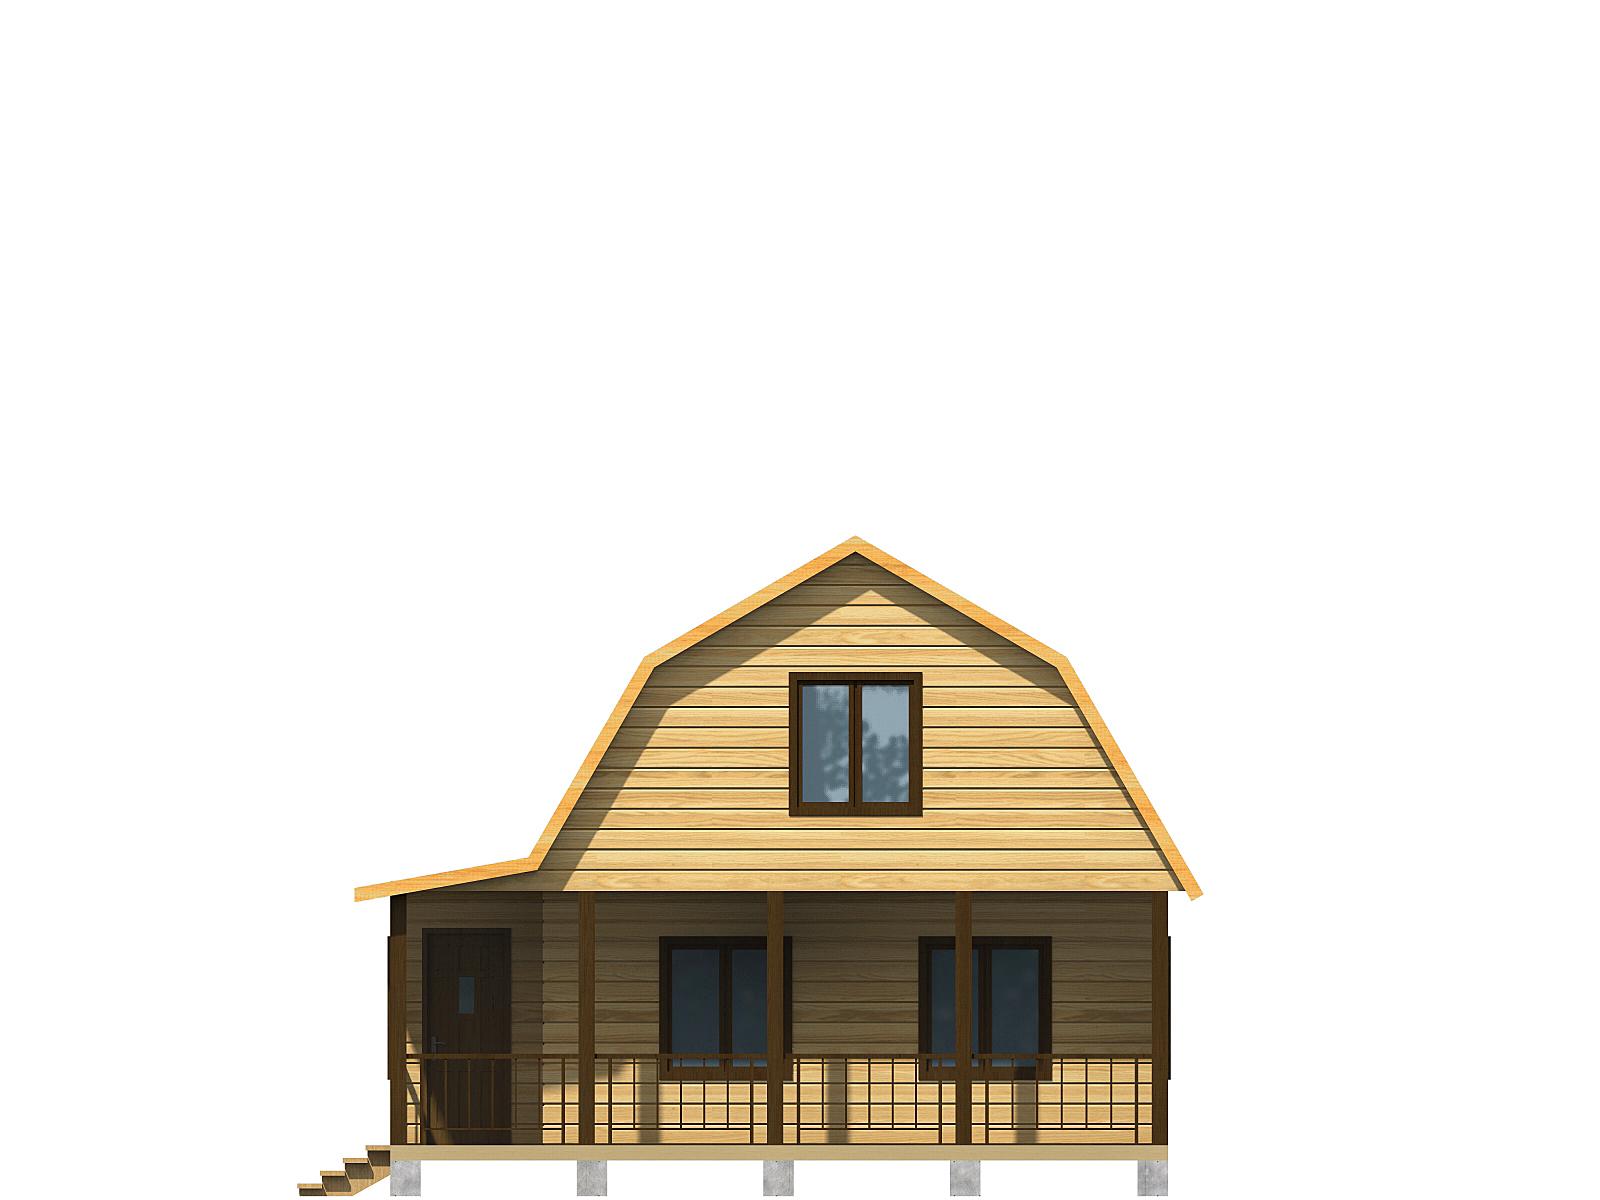 Проект дома из бруса 7.5х7.5. Разрез 1.